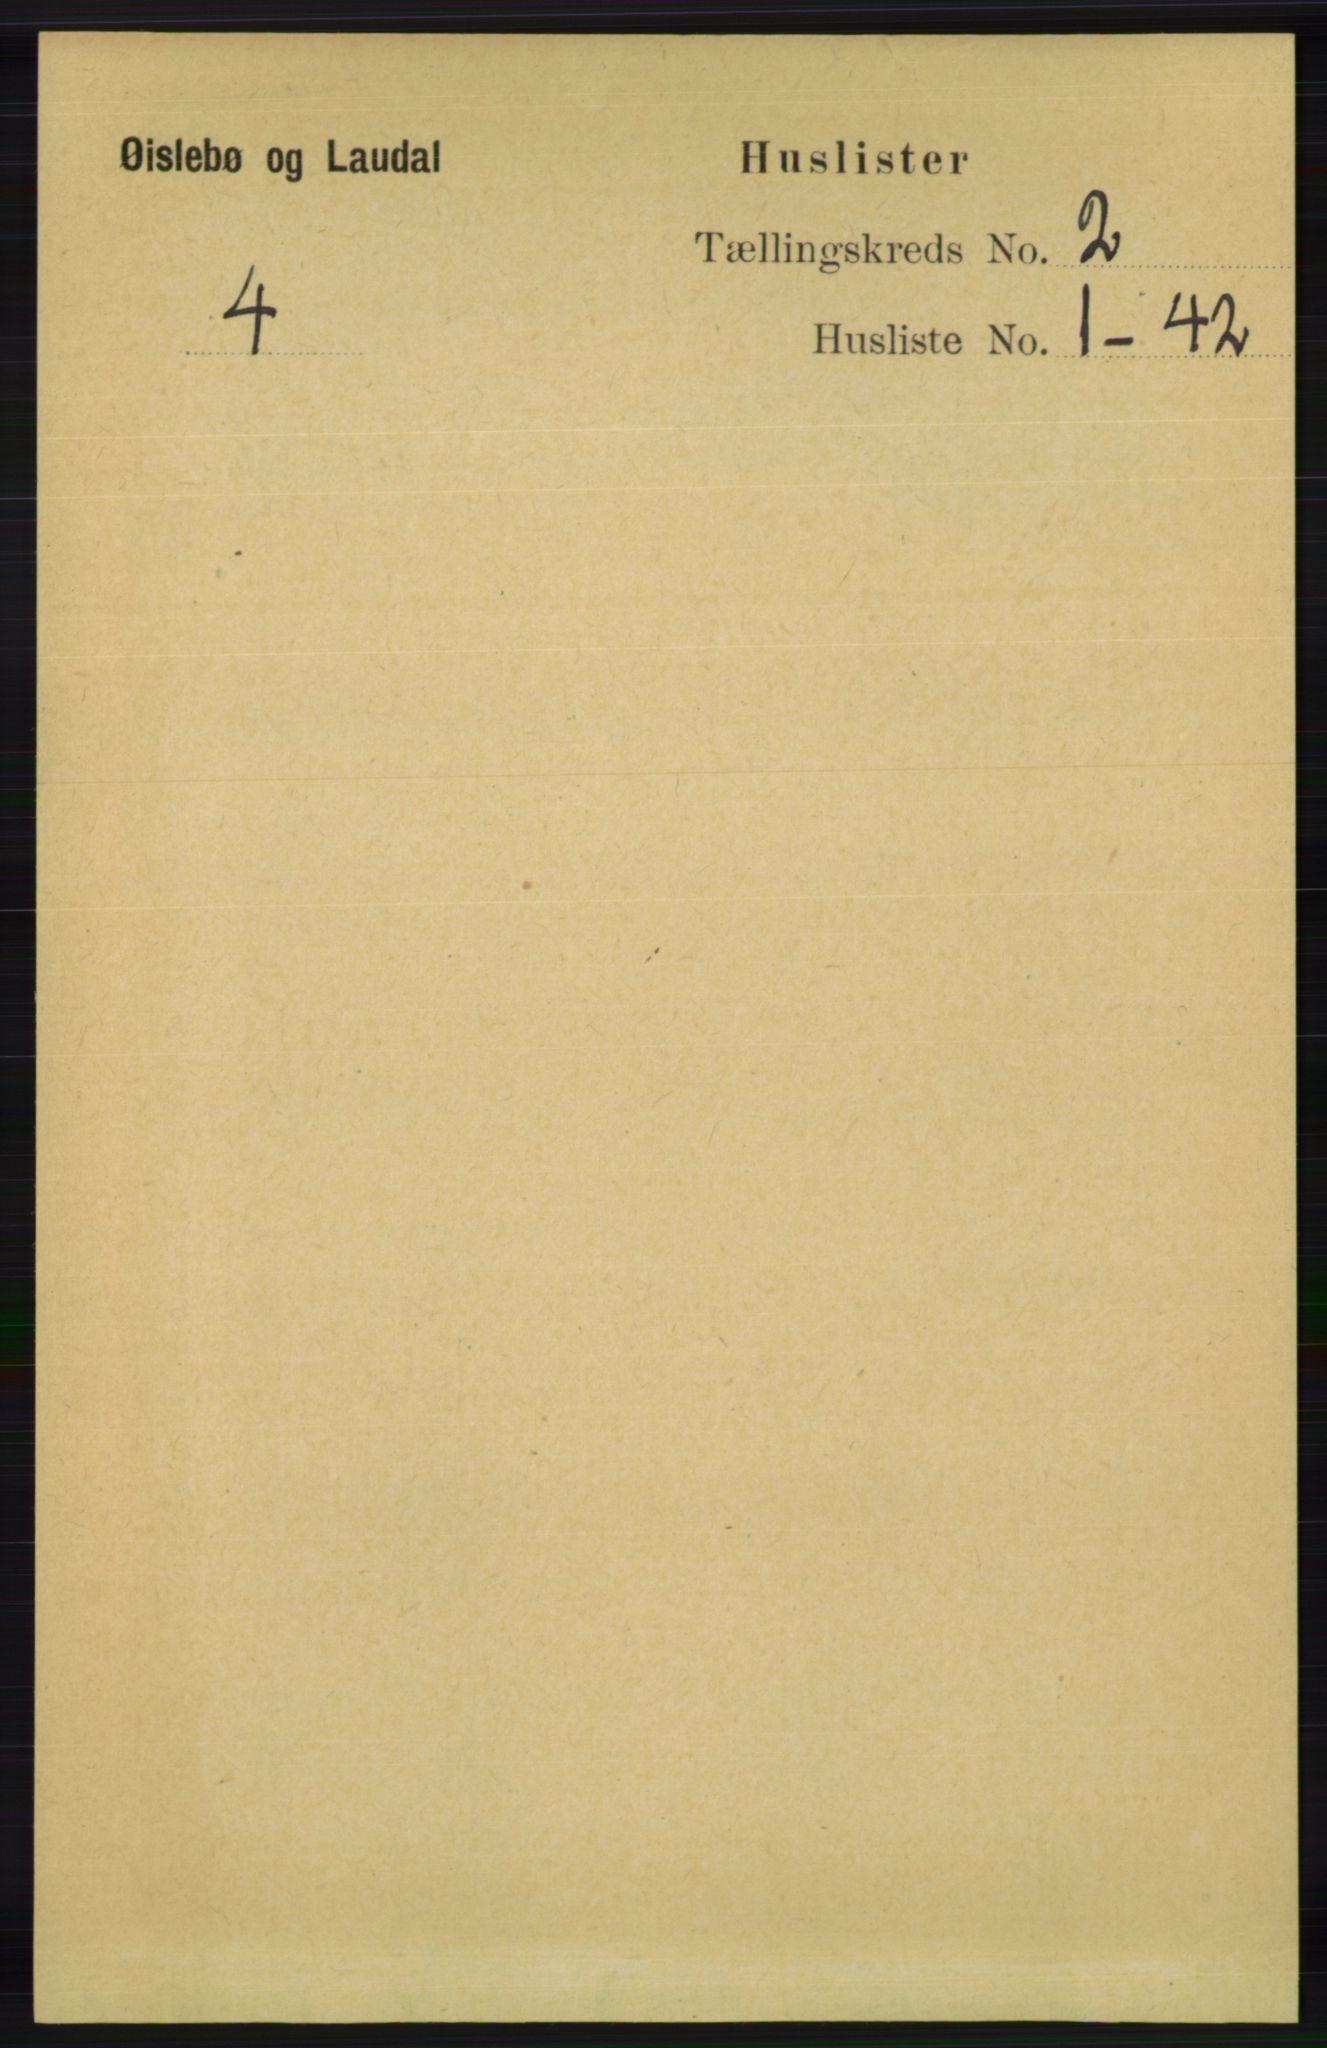 RA, Folketelling 1891 for 1021 Øyslebø og Laudal herred, 1891, s. 430